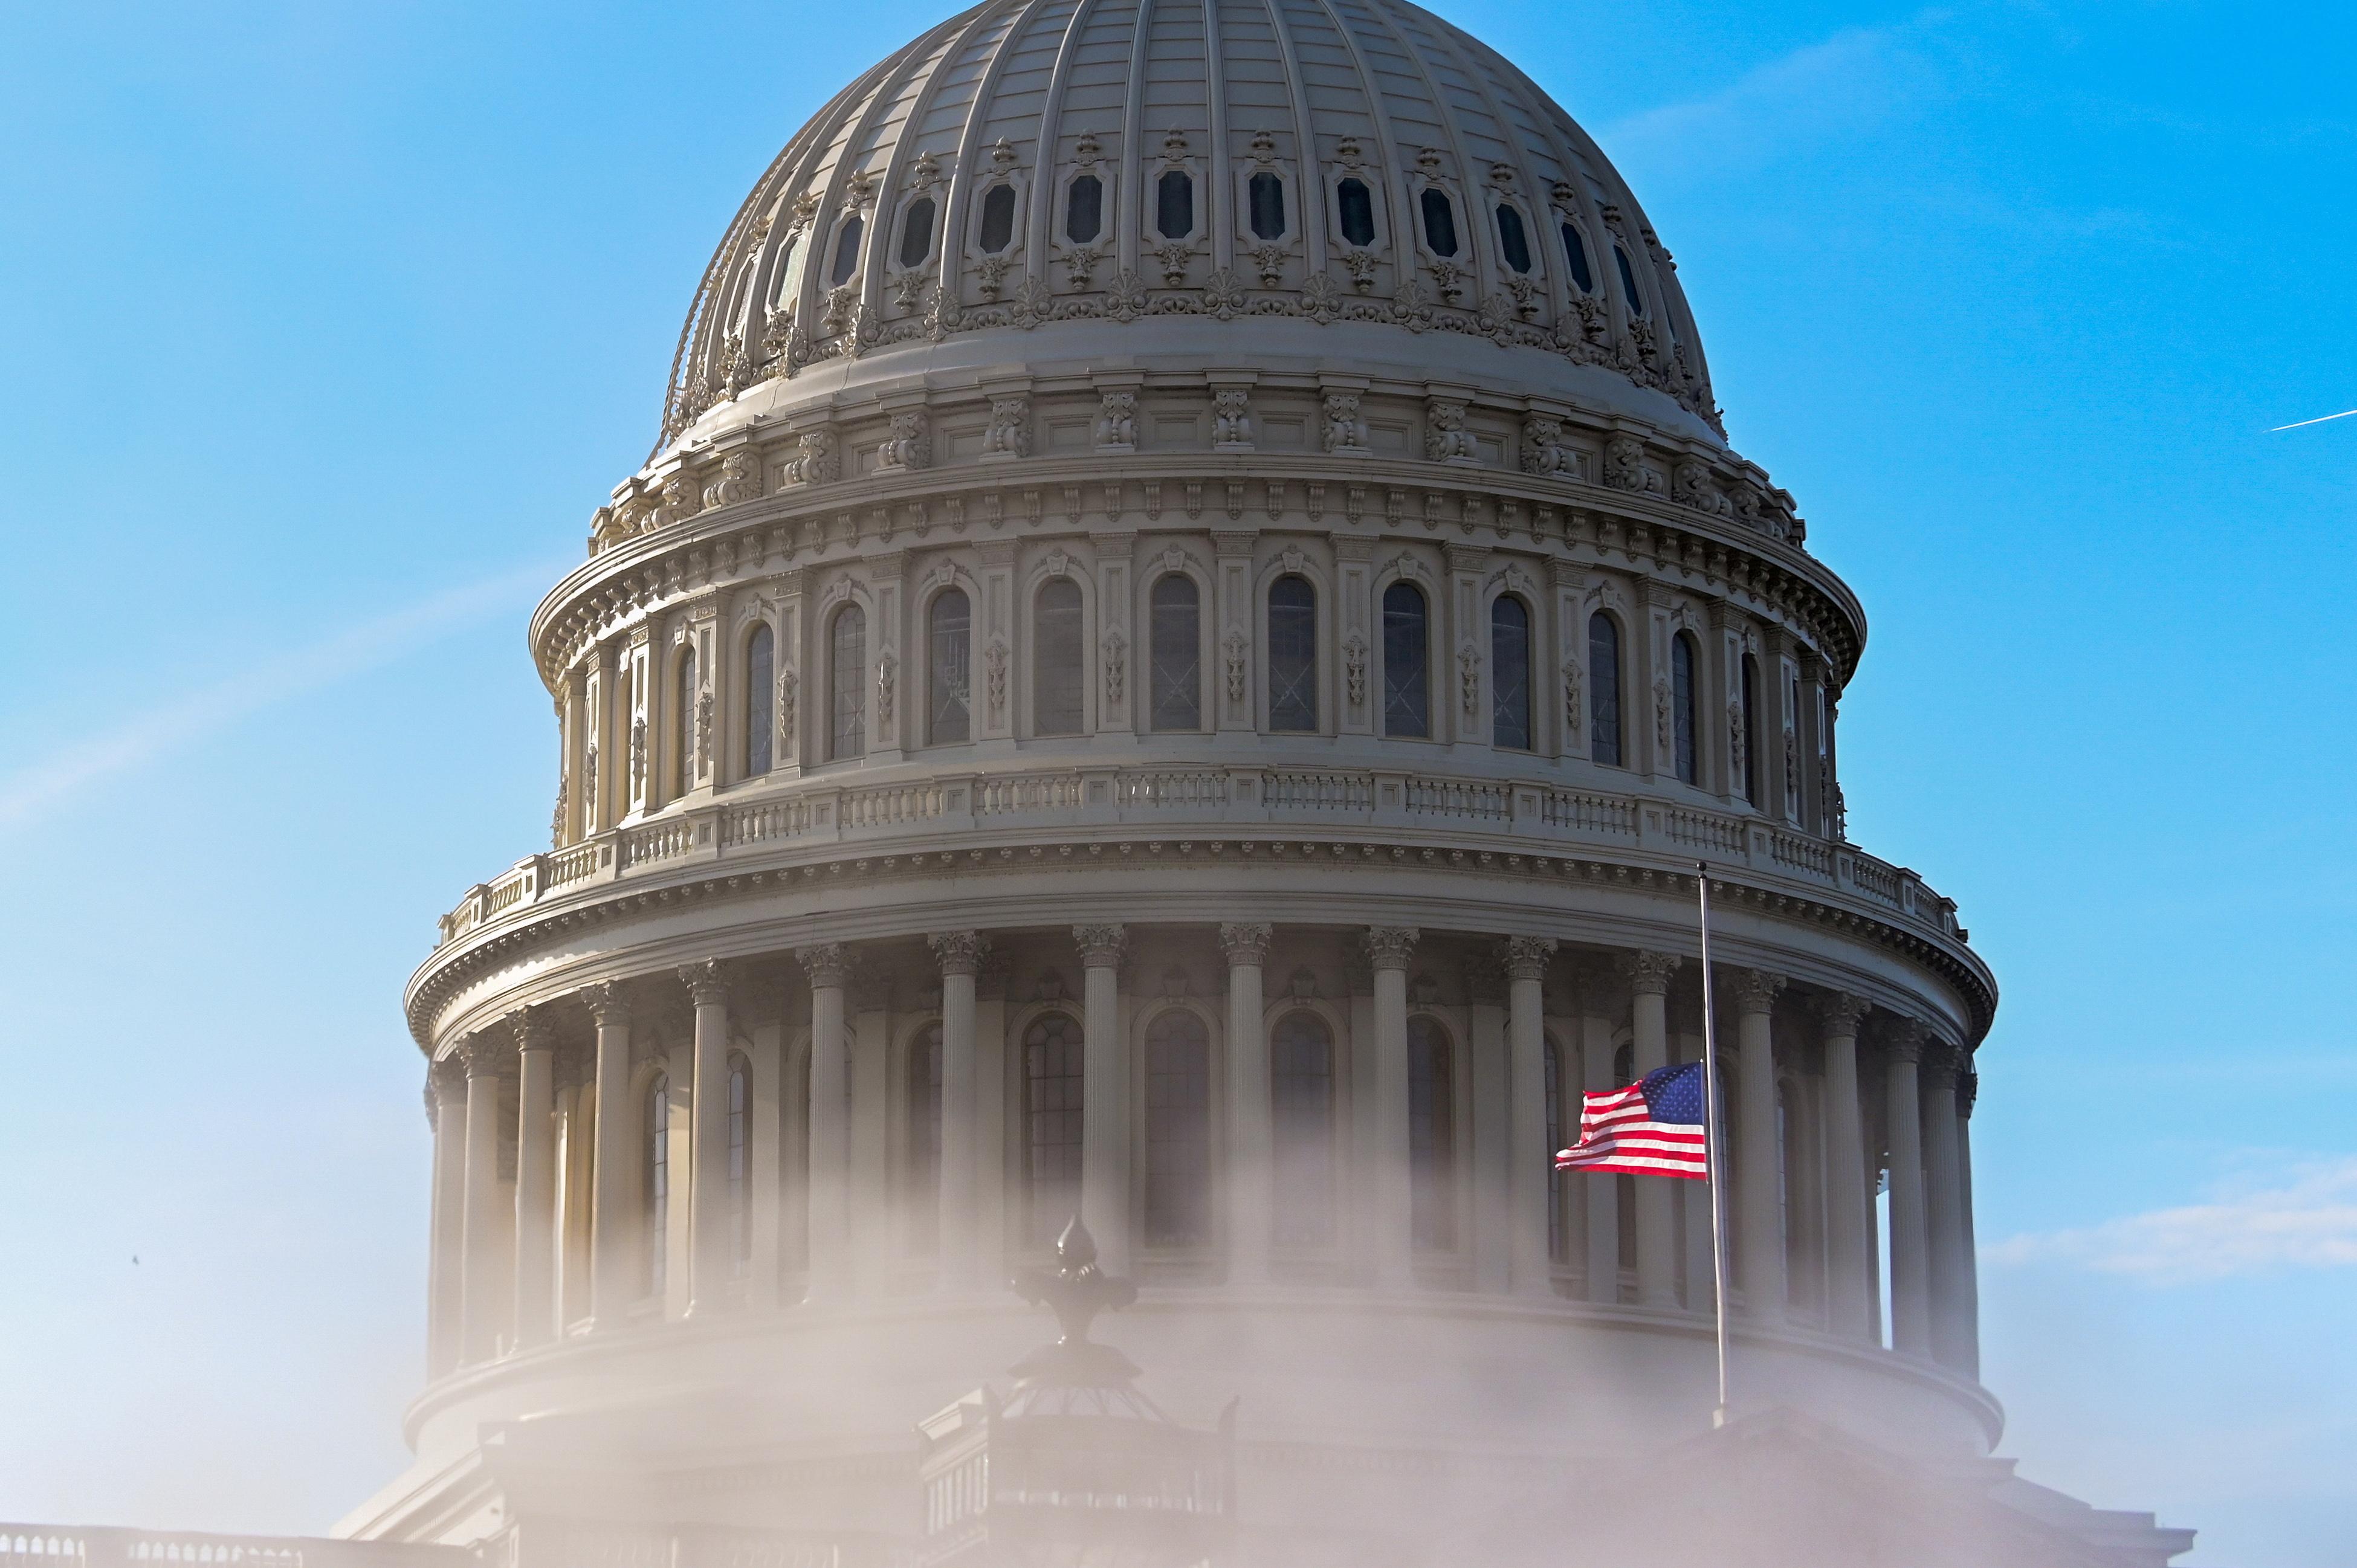 The U.S. Capitol dome. REUTERS/Erin Scott